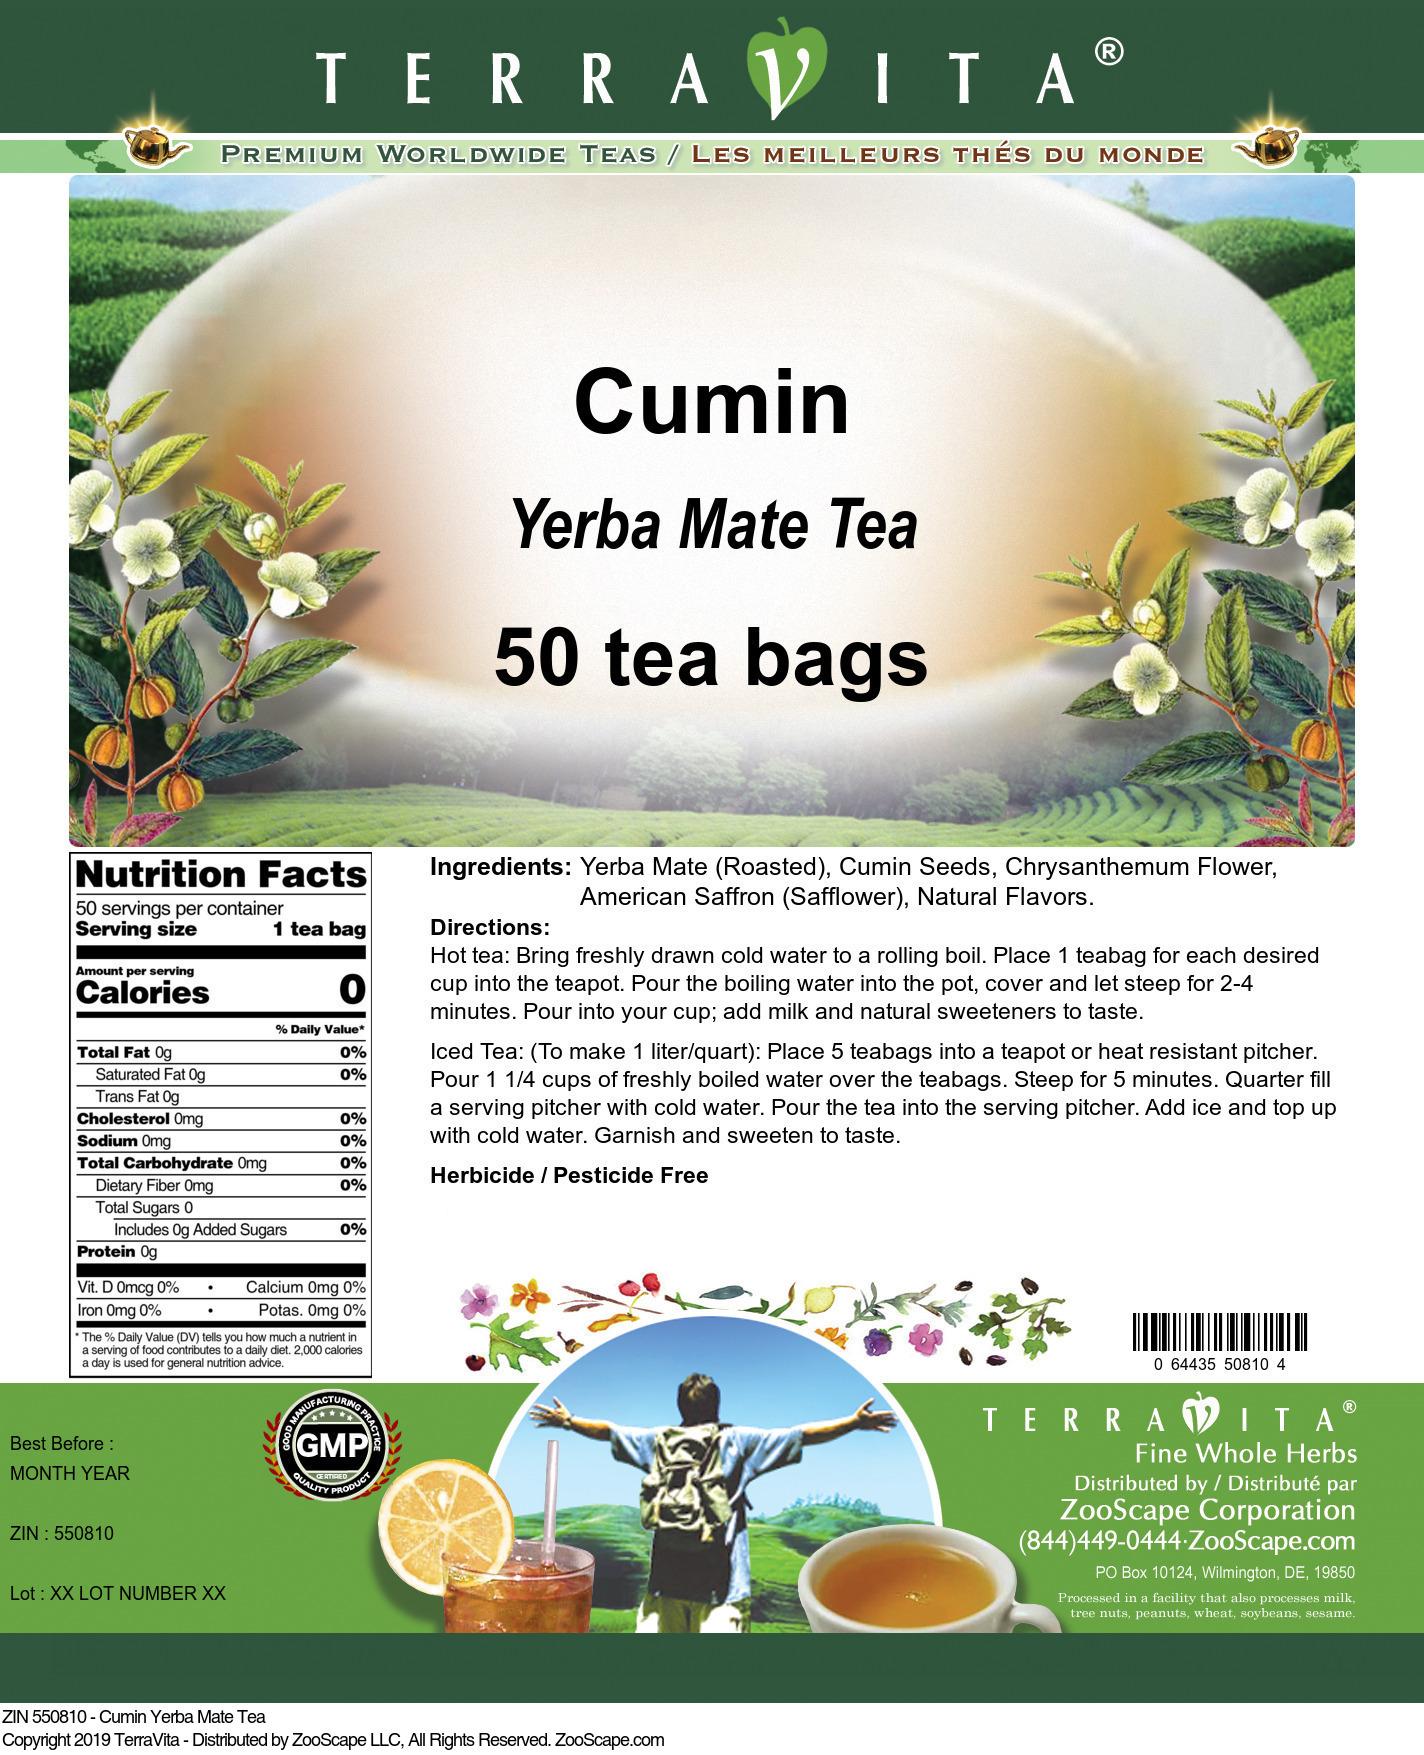 Cumin Yerba Mate Tea